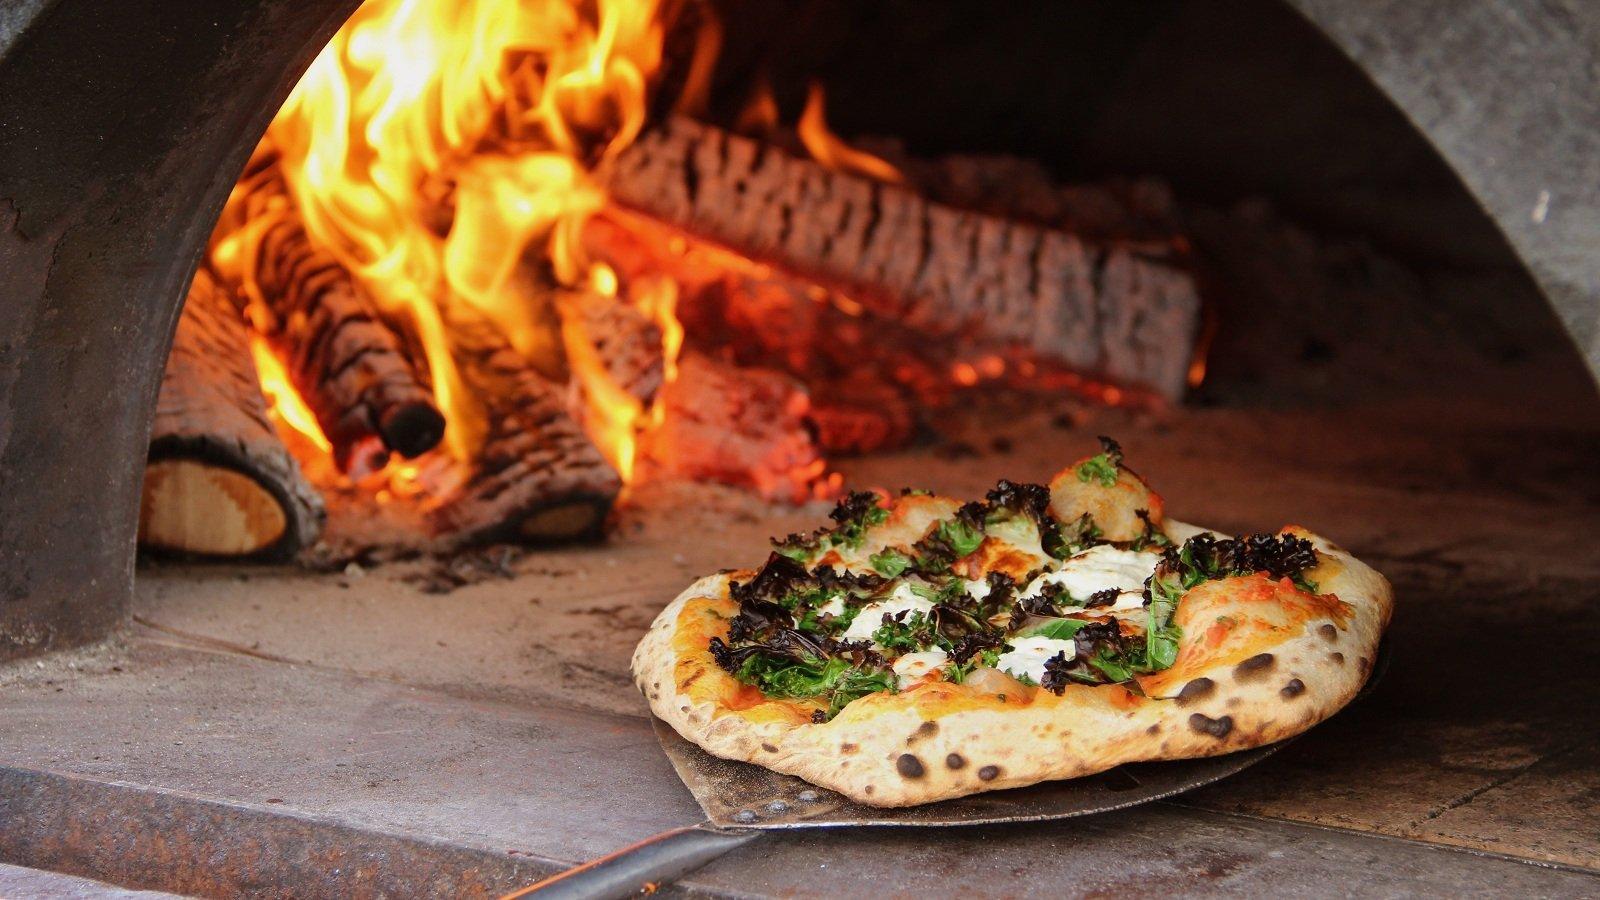 pizza che sta per essere infornata in un forno a legna